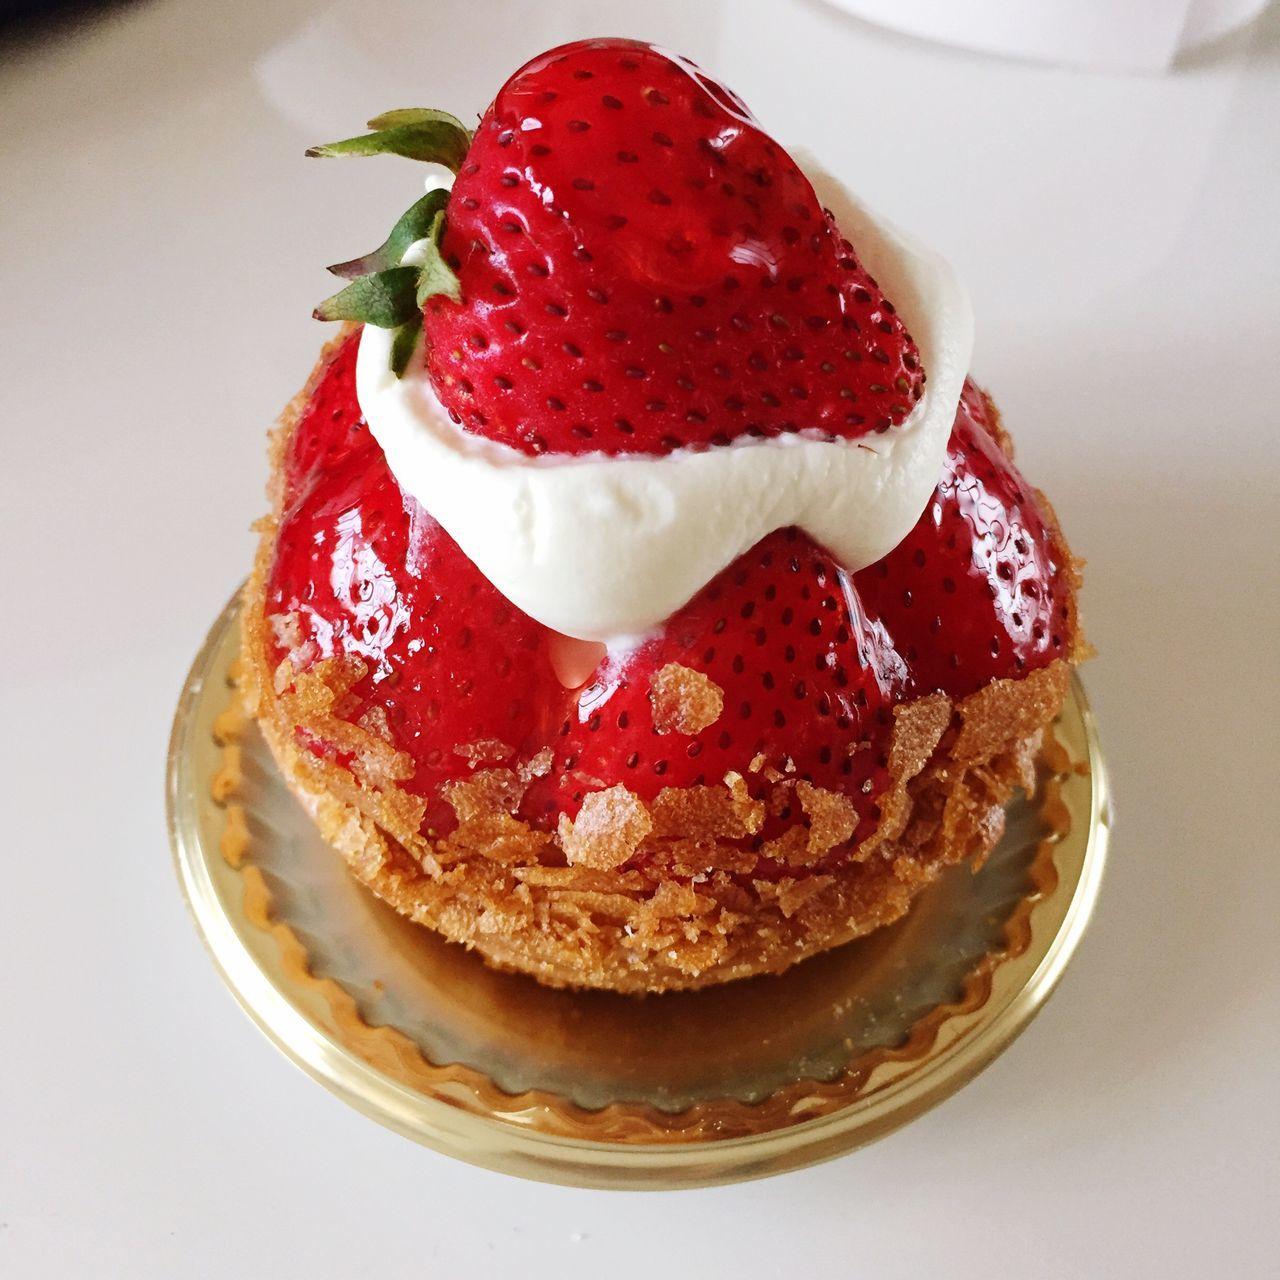 いちごのケーキ いちご ケーキ スイーツ おいしい First Eyeem Photo